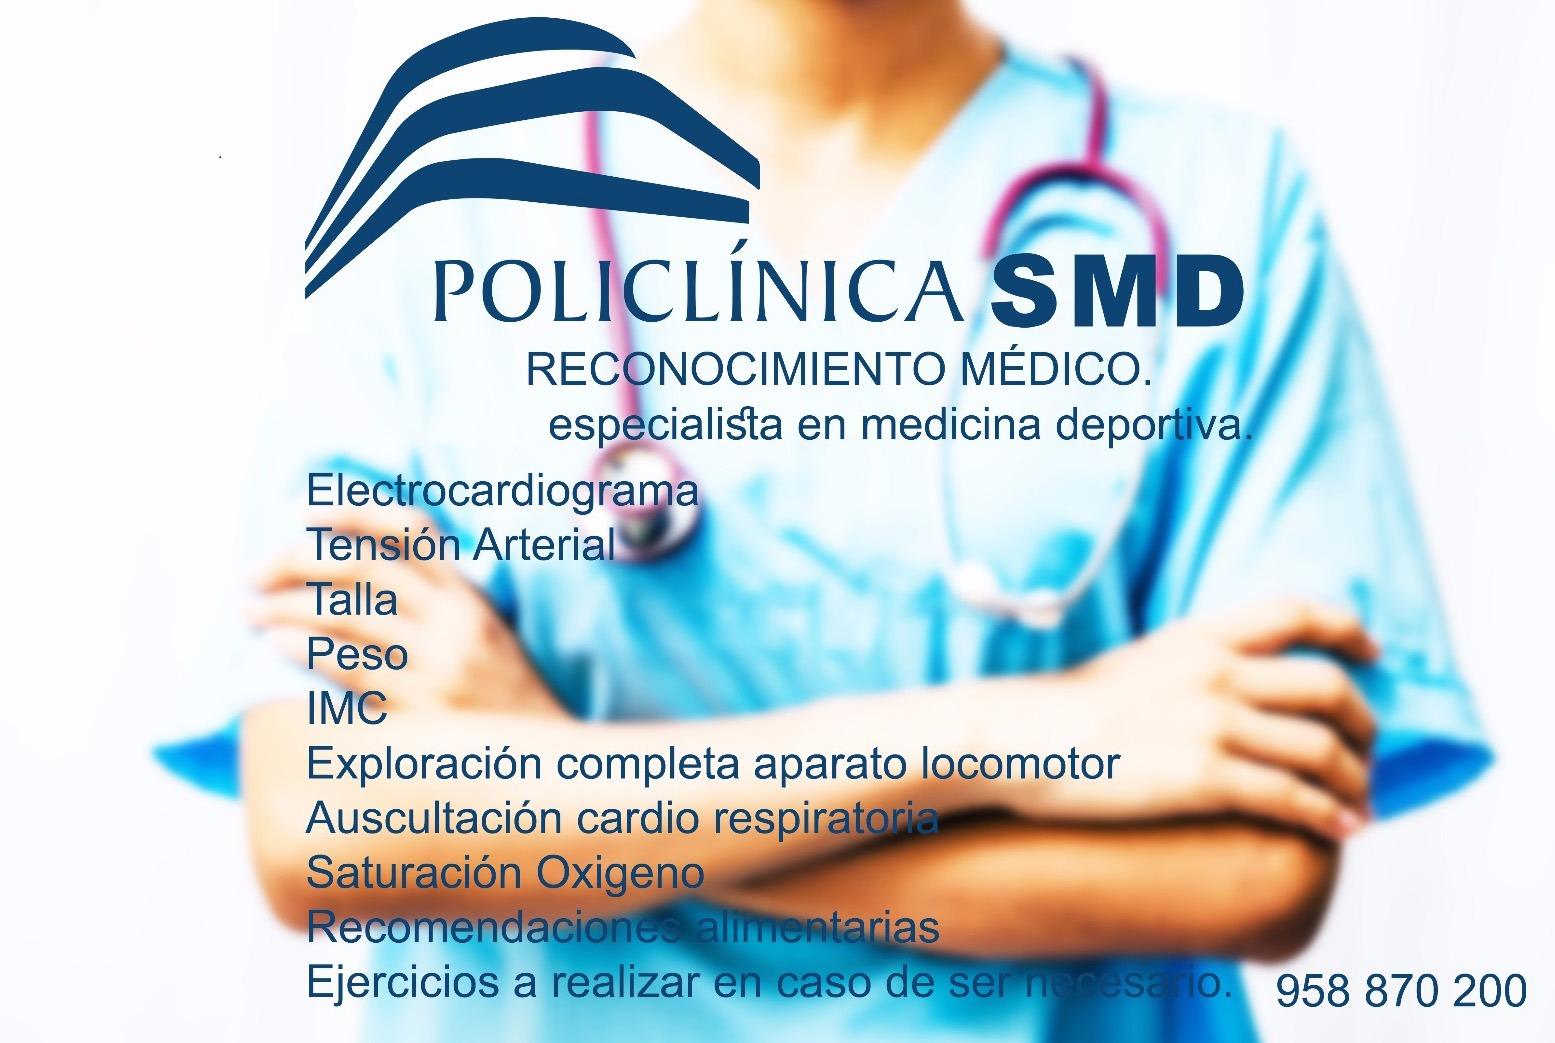 La FADI y SMD continúan con su acuerdo de colaboración para facilitar los reconocimientos médicos de los deportistas